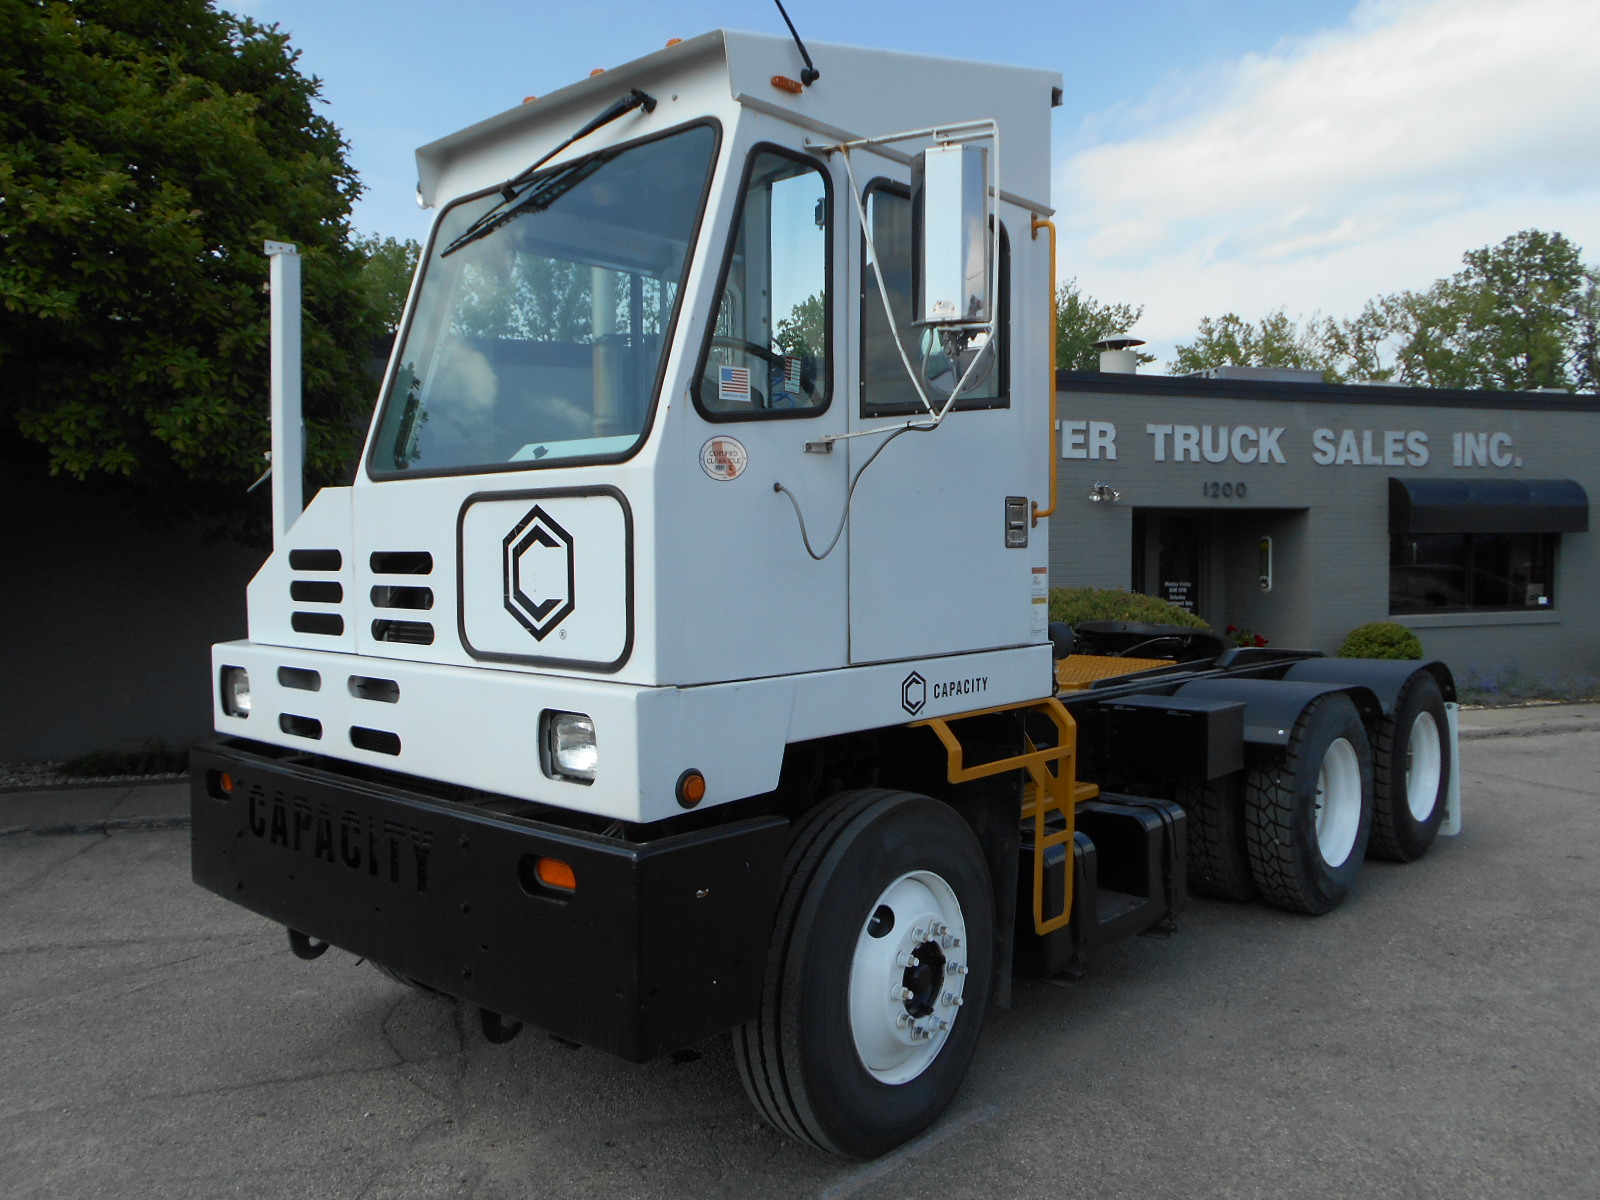 2009 Capacity TJ6500